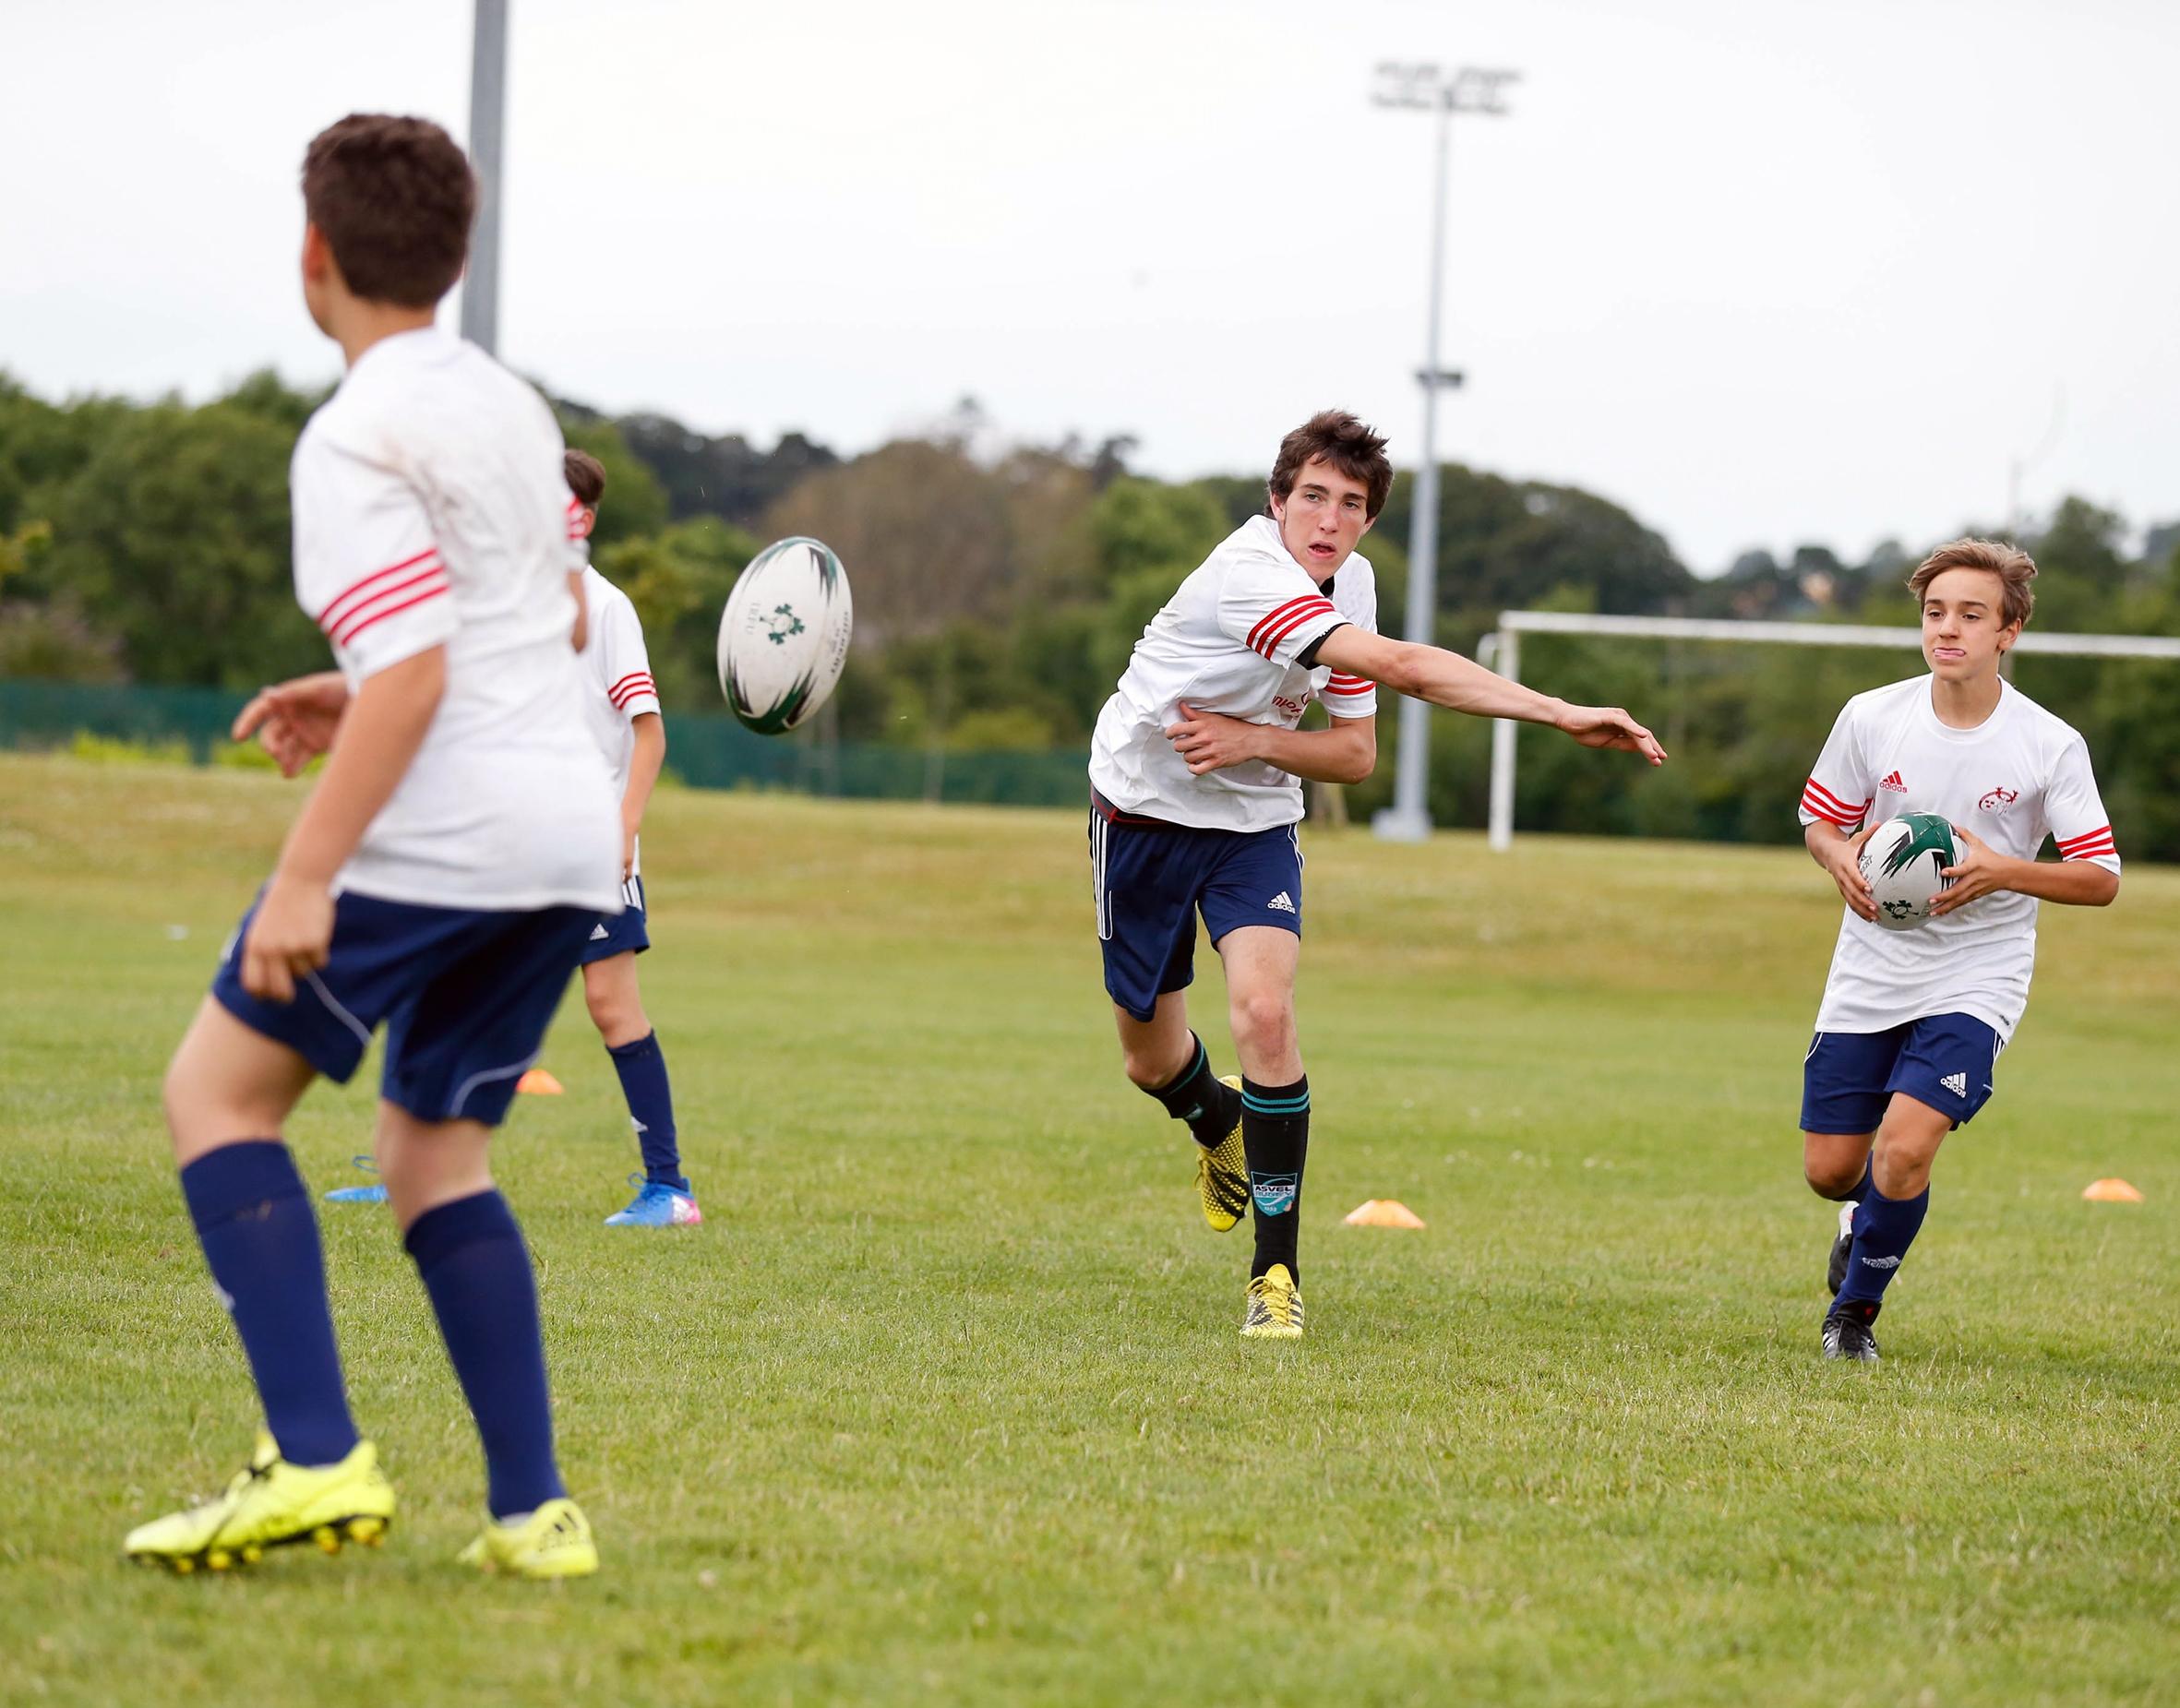 Séjour linguistique d'anglais et de rugby en Irlande